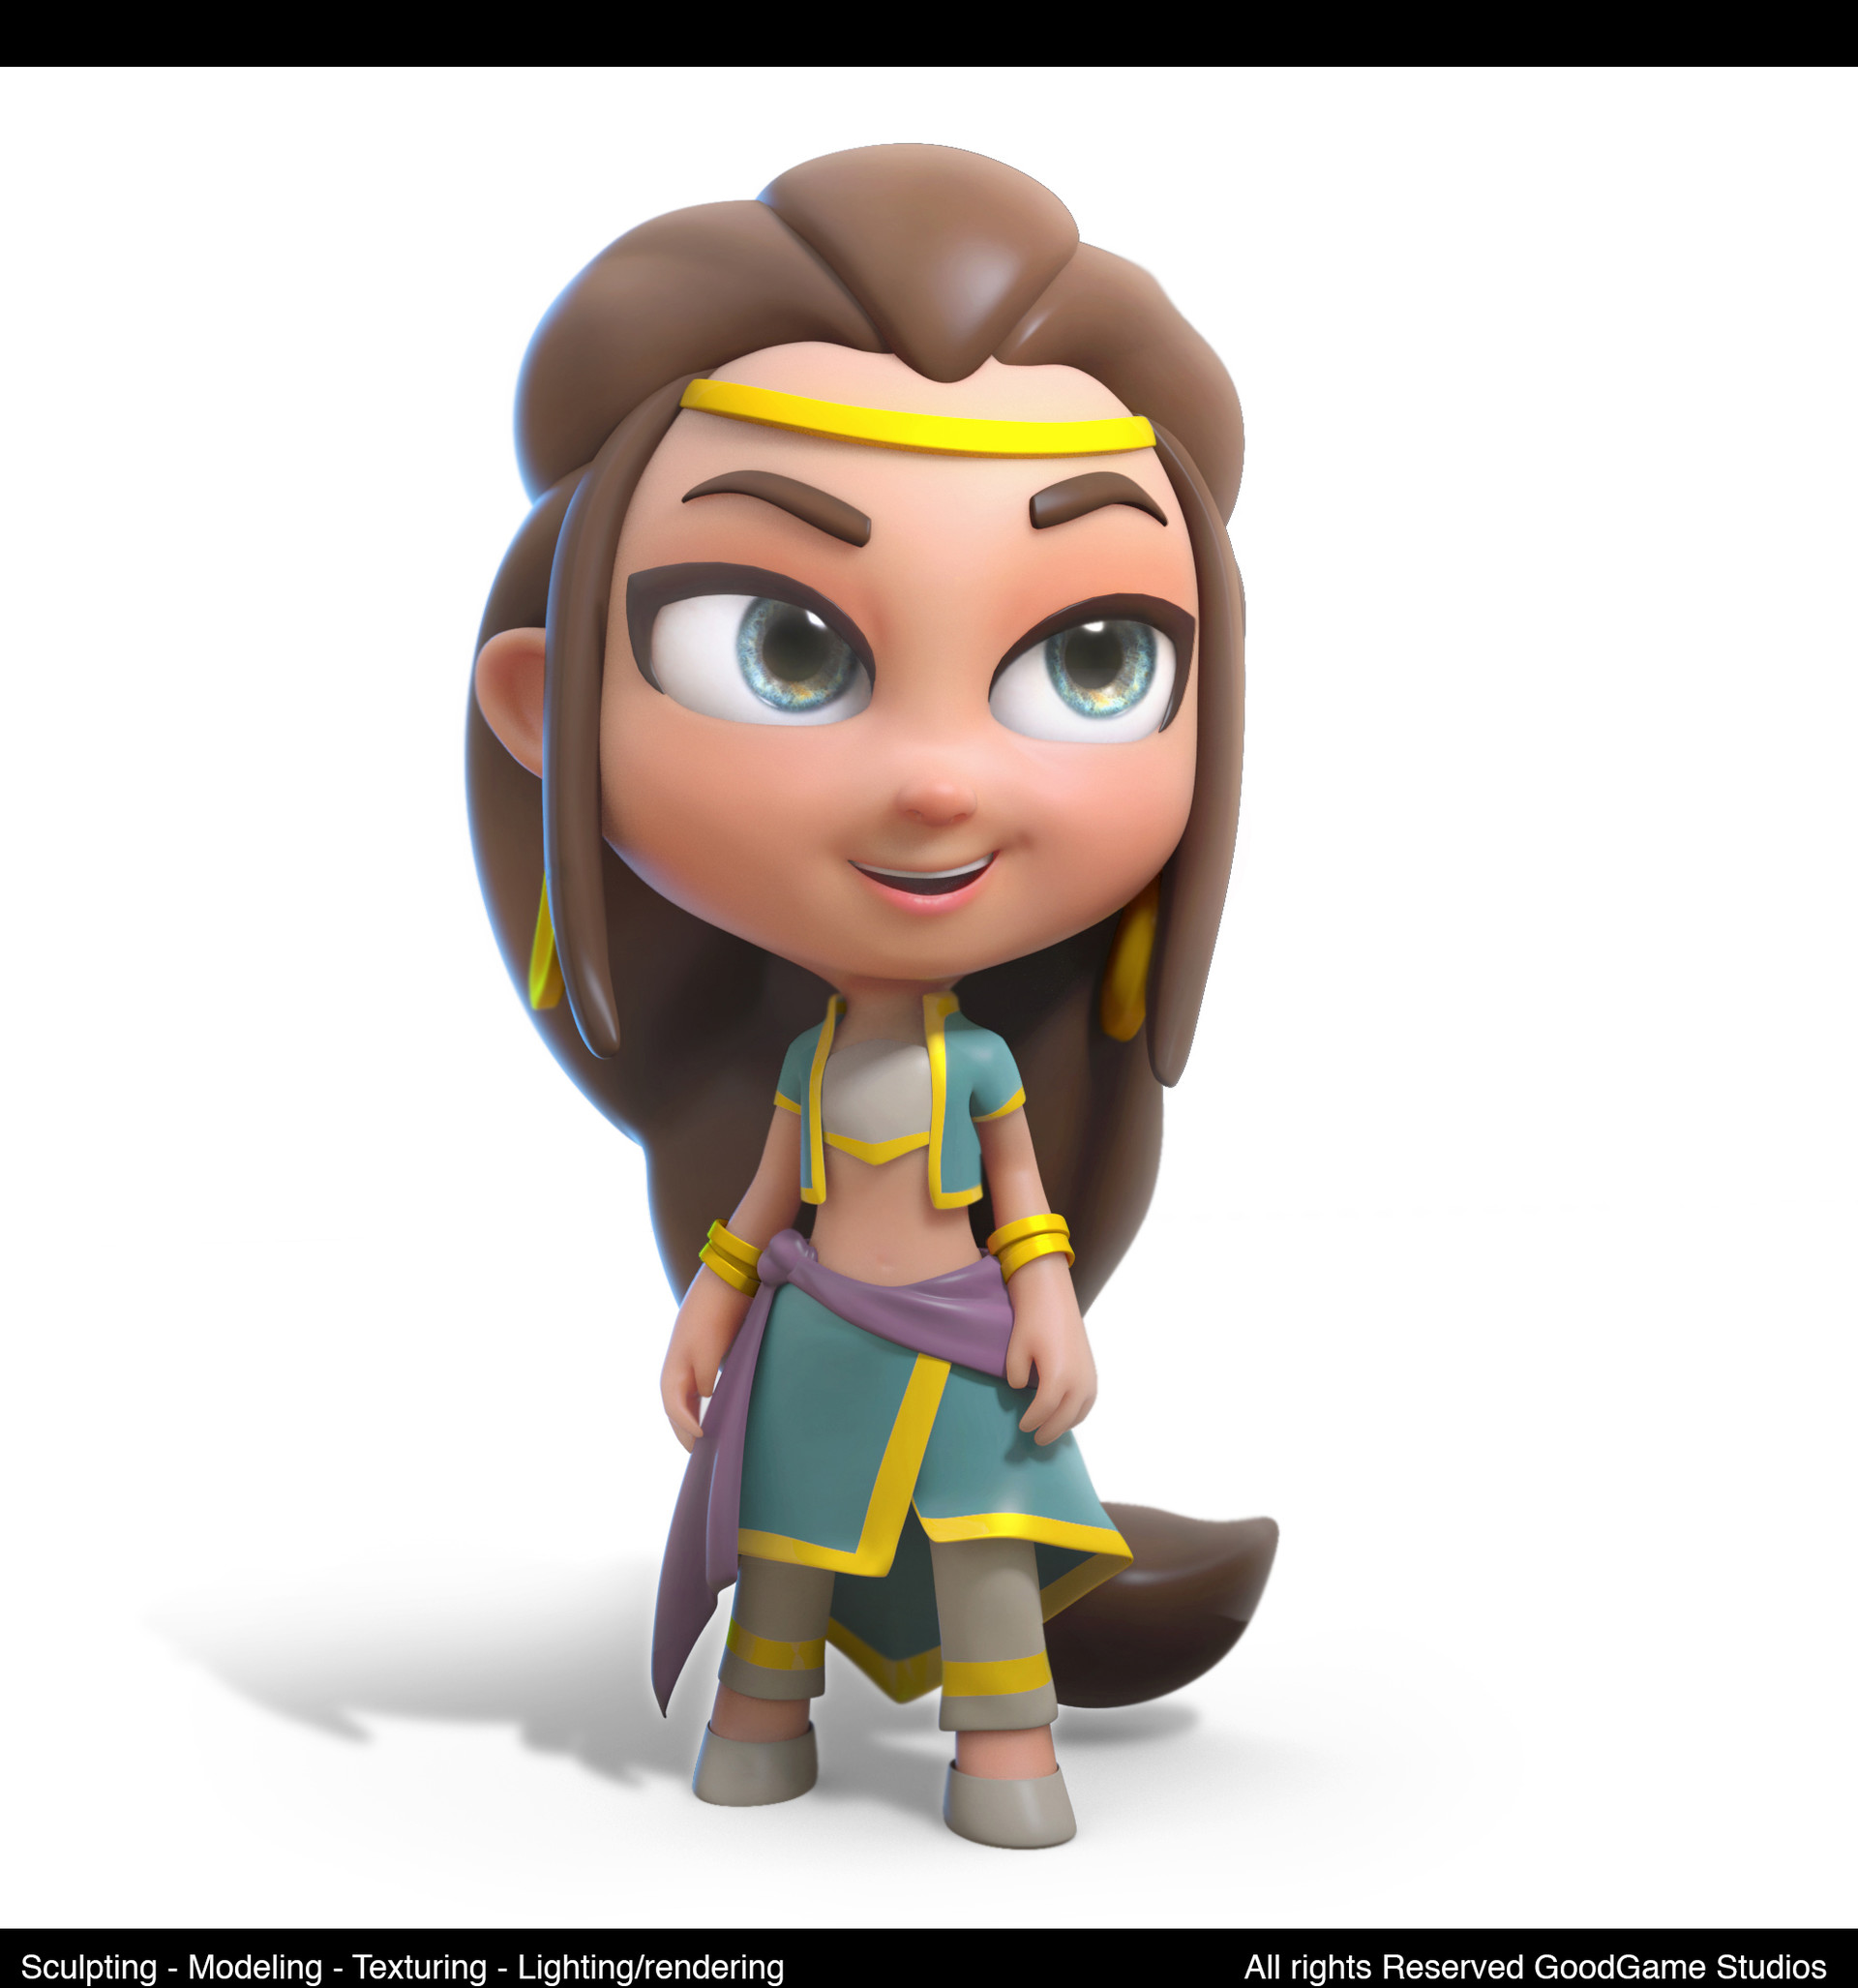 Ahmx merheb princess